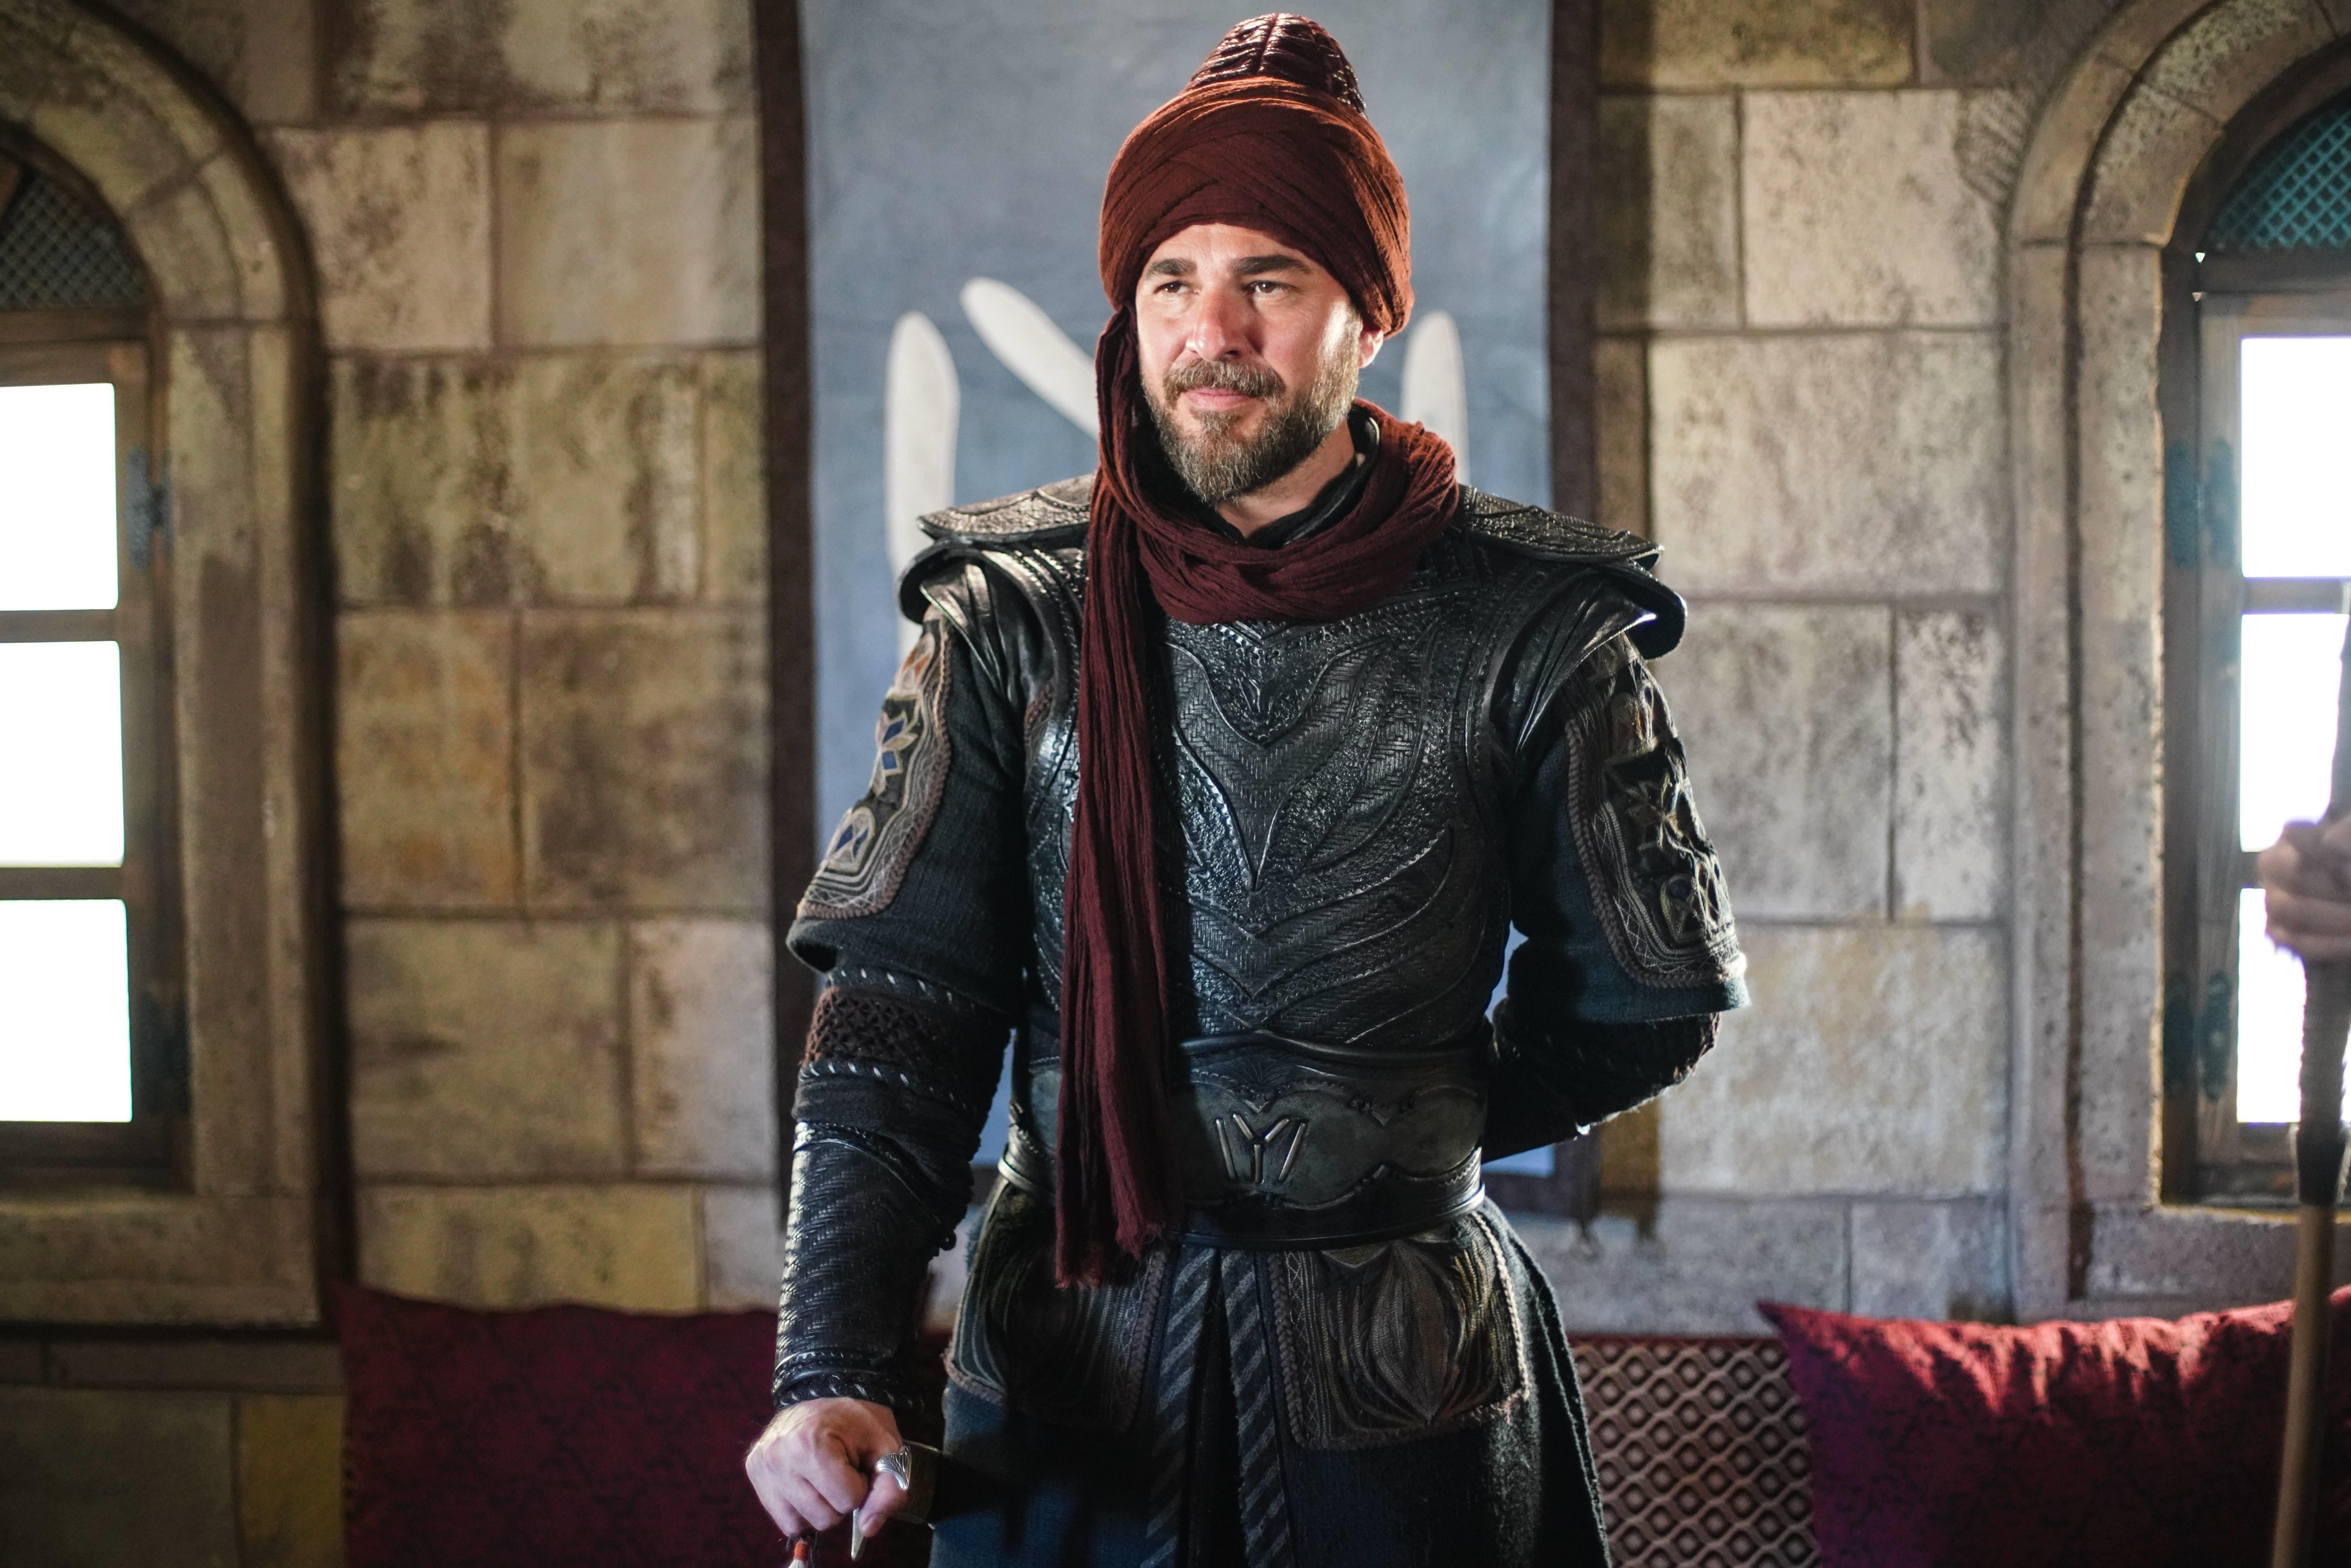 صور رسمية من الحلقة القادمة 140 من الموسم الخامس من قيامة أرطغرل بجودة عالية جداً